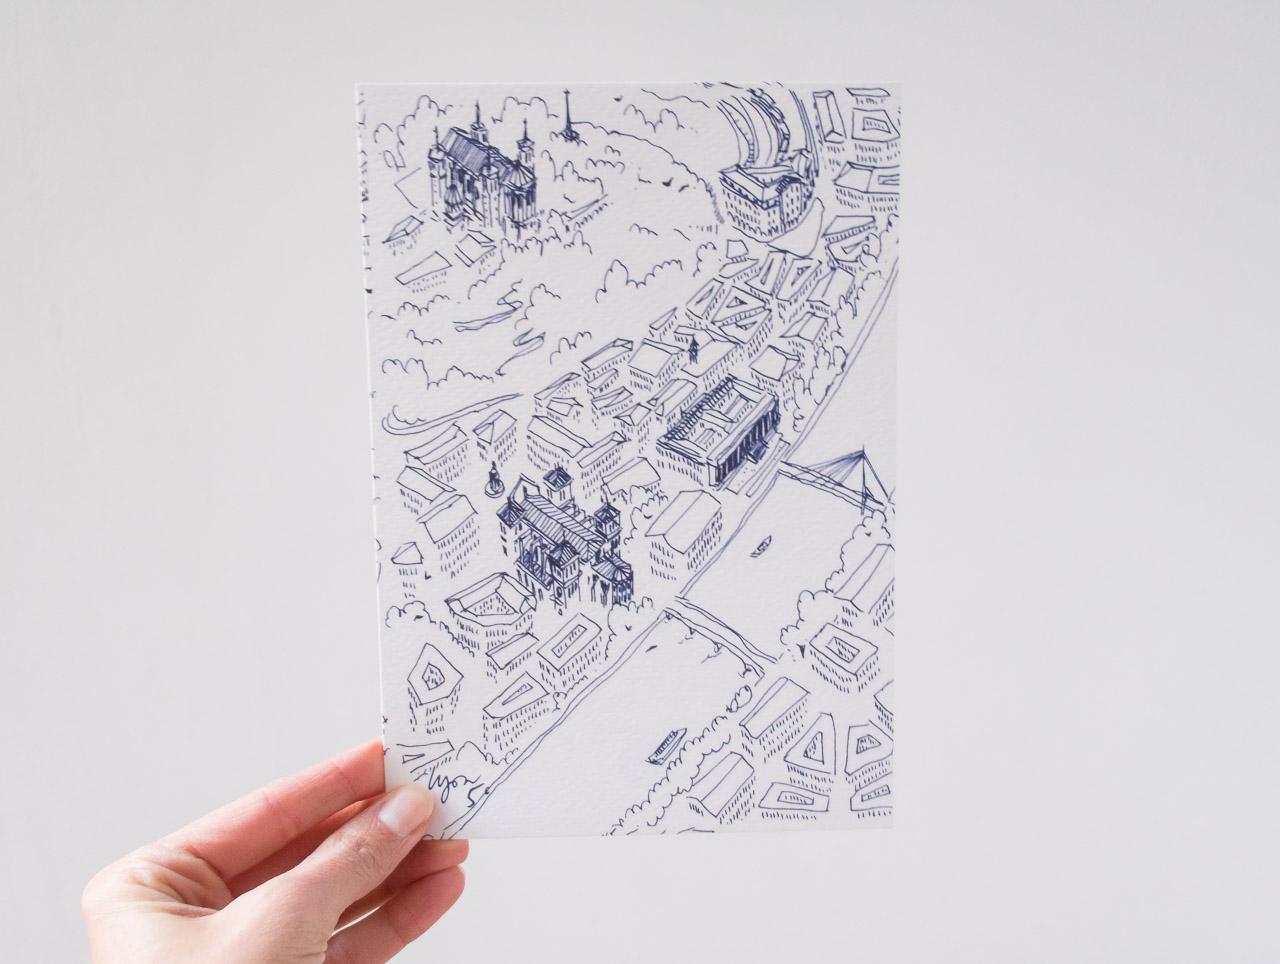 Cartes Postales des 9 arrondissements de Lyon Emilie Ettori Maison Mathûvû